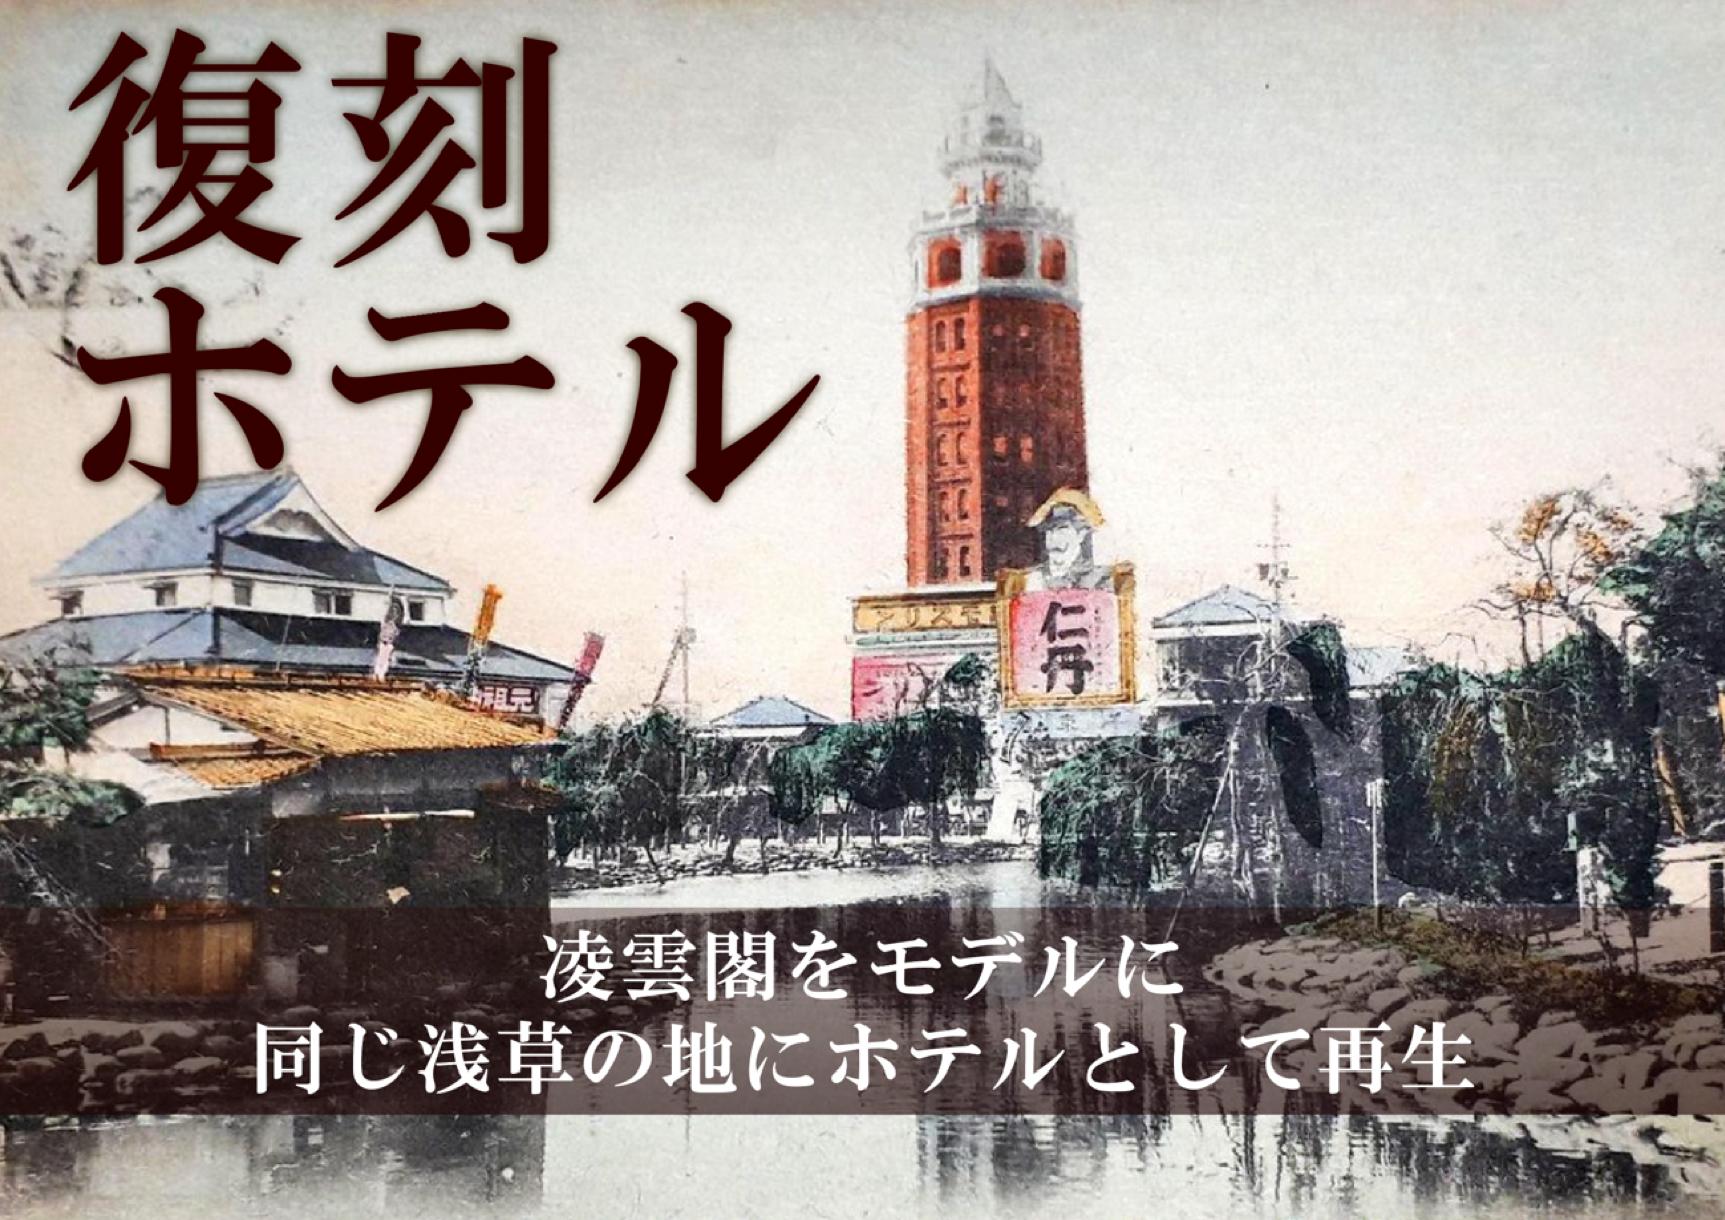 『復刻ホテル』凌雲閣をモデルに同じ浅草の地にホテルとして再生